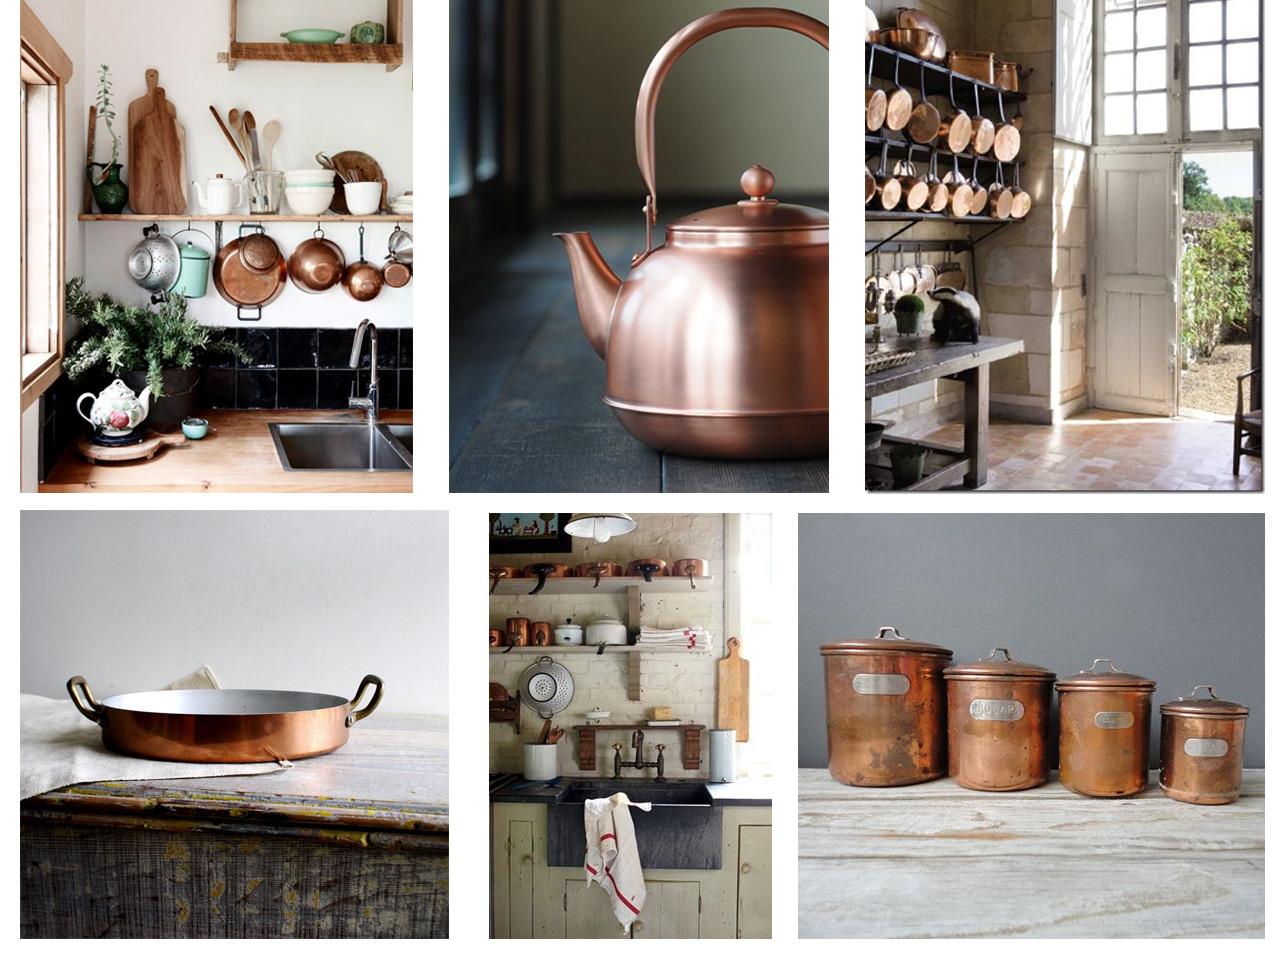 14 combinaciones impactantes de decoraci n con cobre for Decoracion hogar rustico